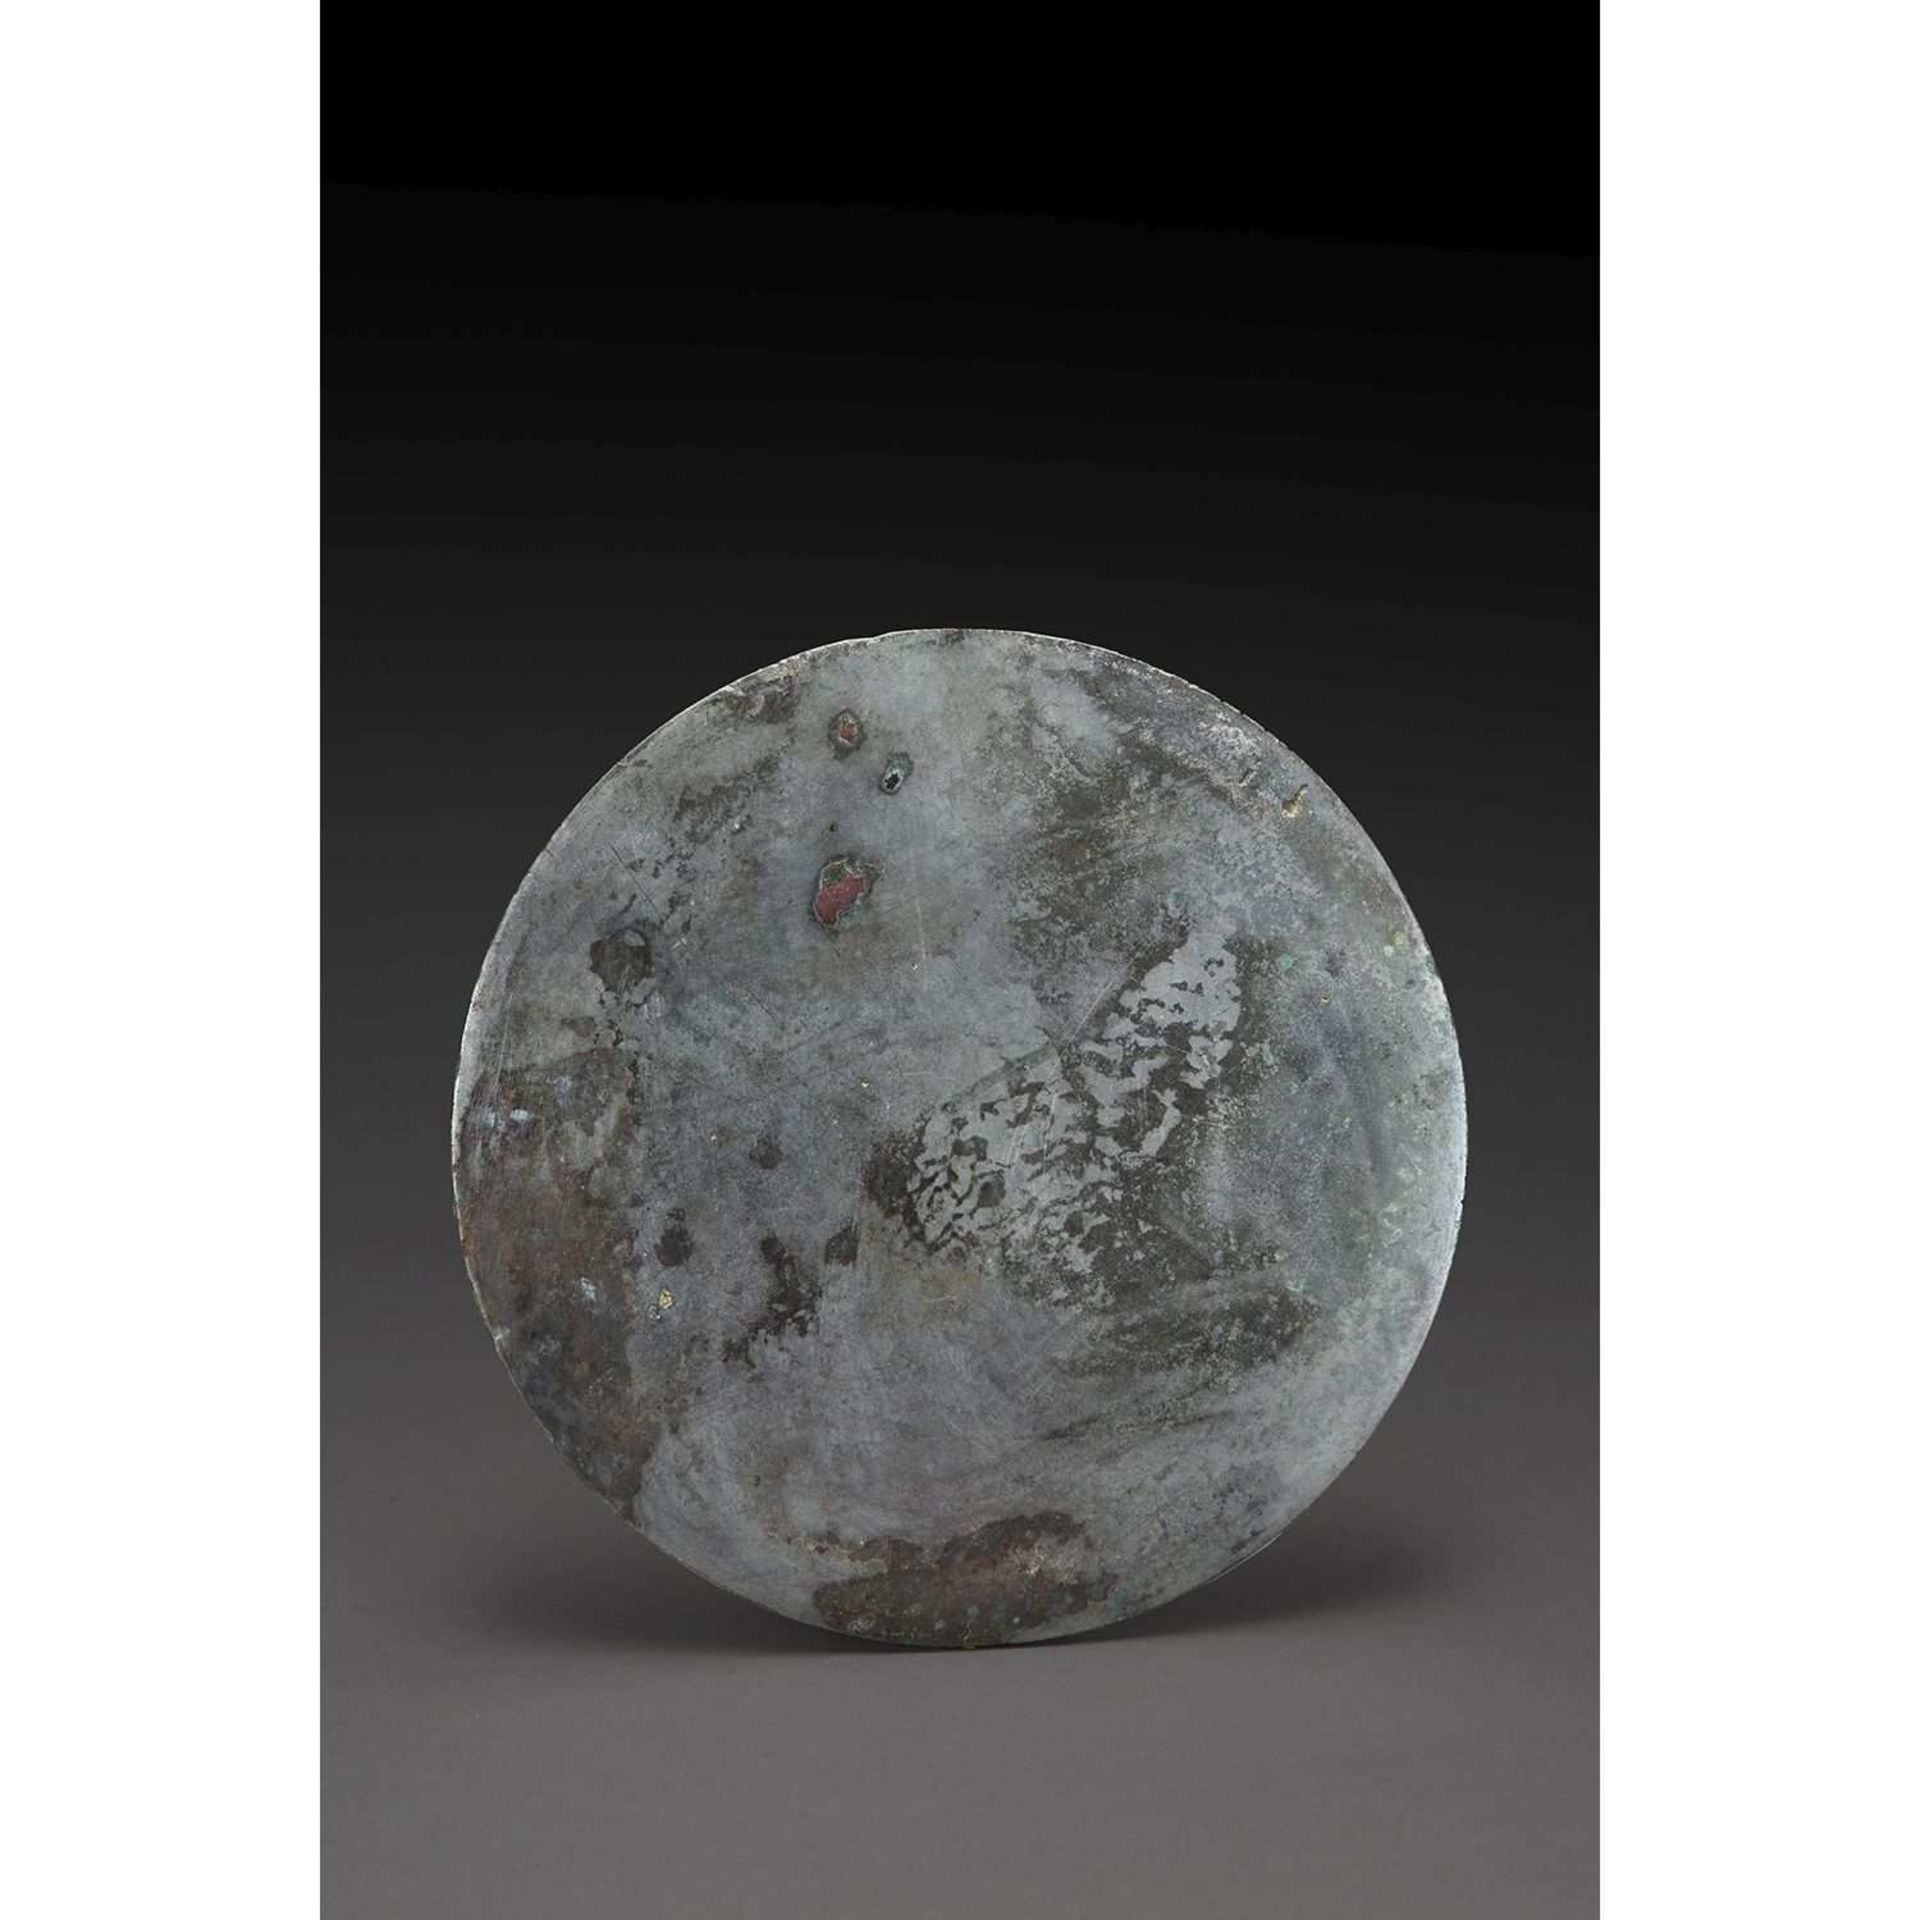 """MIROIR en bronze de patine argenté, partiellement oxydé de vert, de type su wen jing, """"sans"""